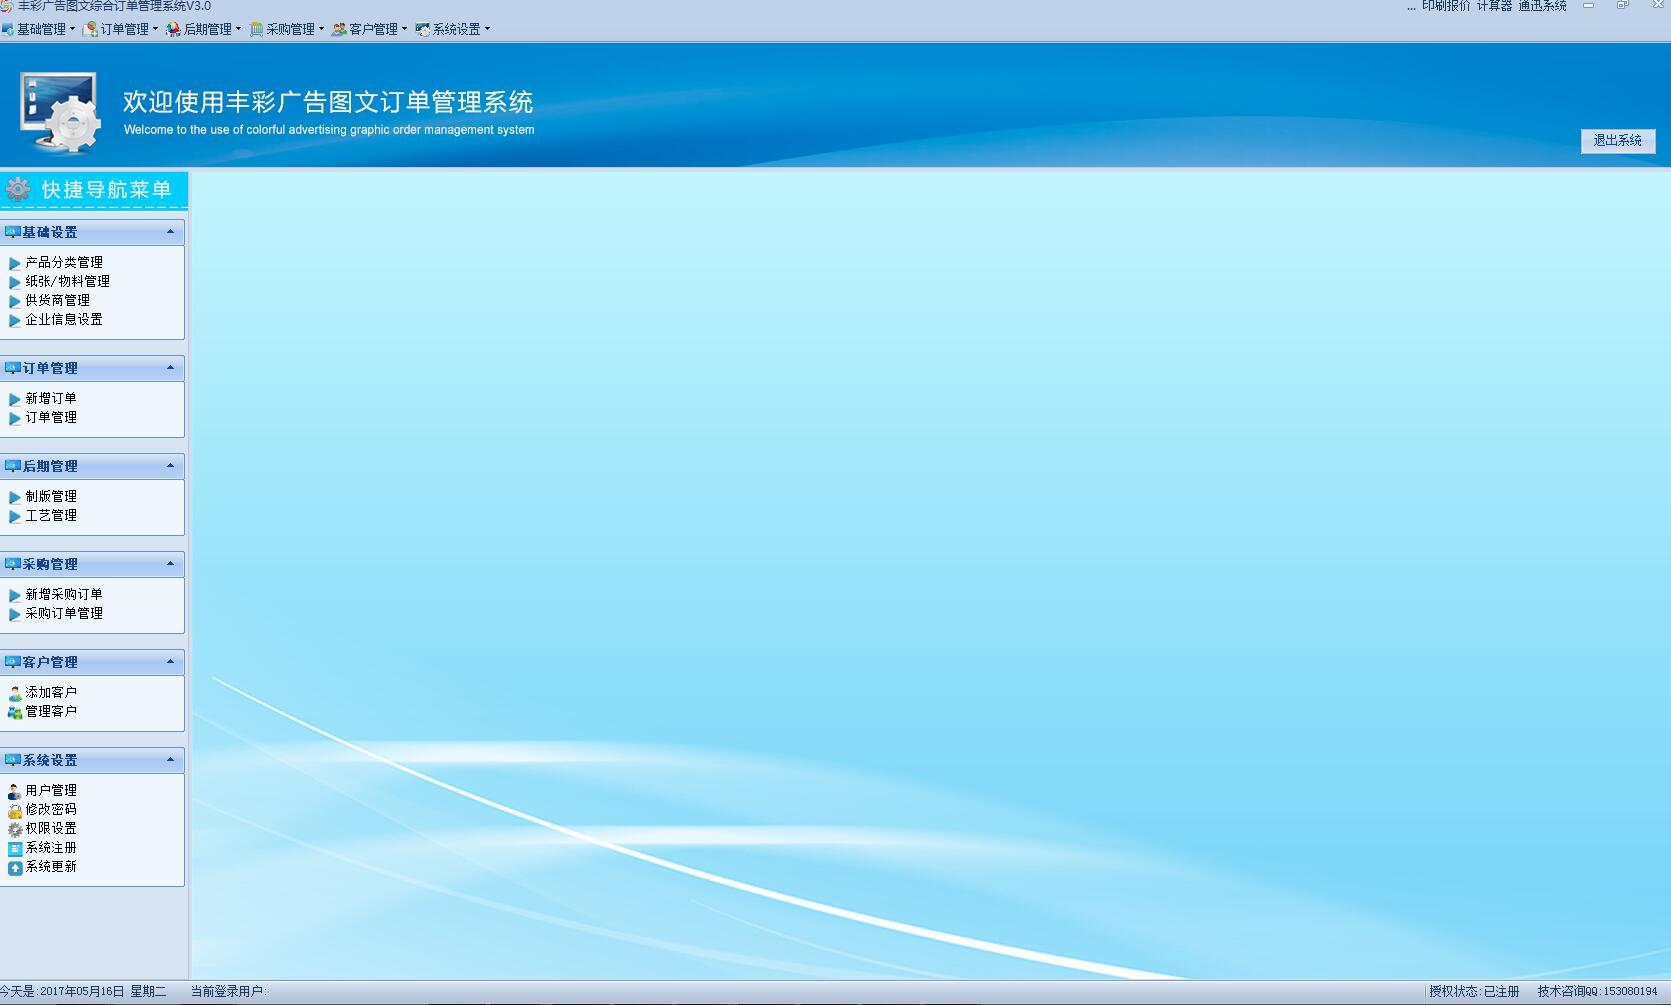 丰彩广告图文订单管理系统